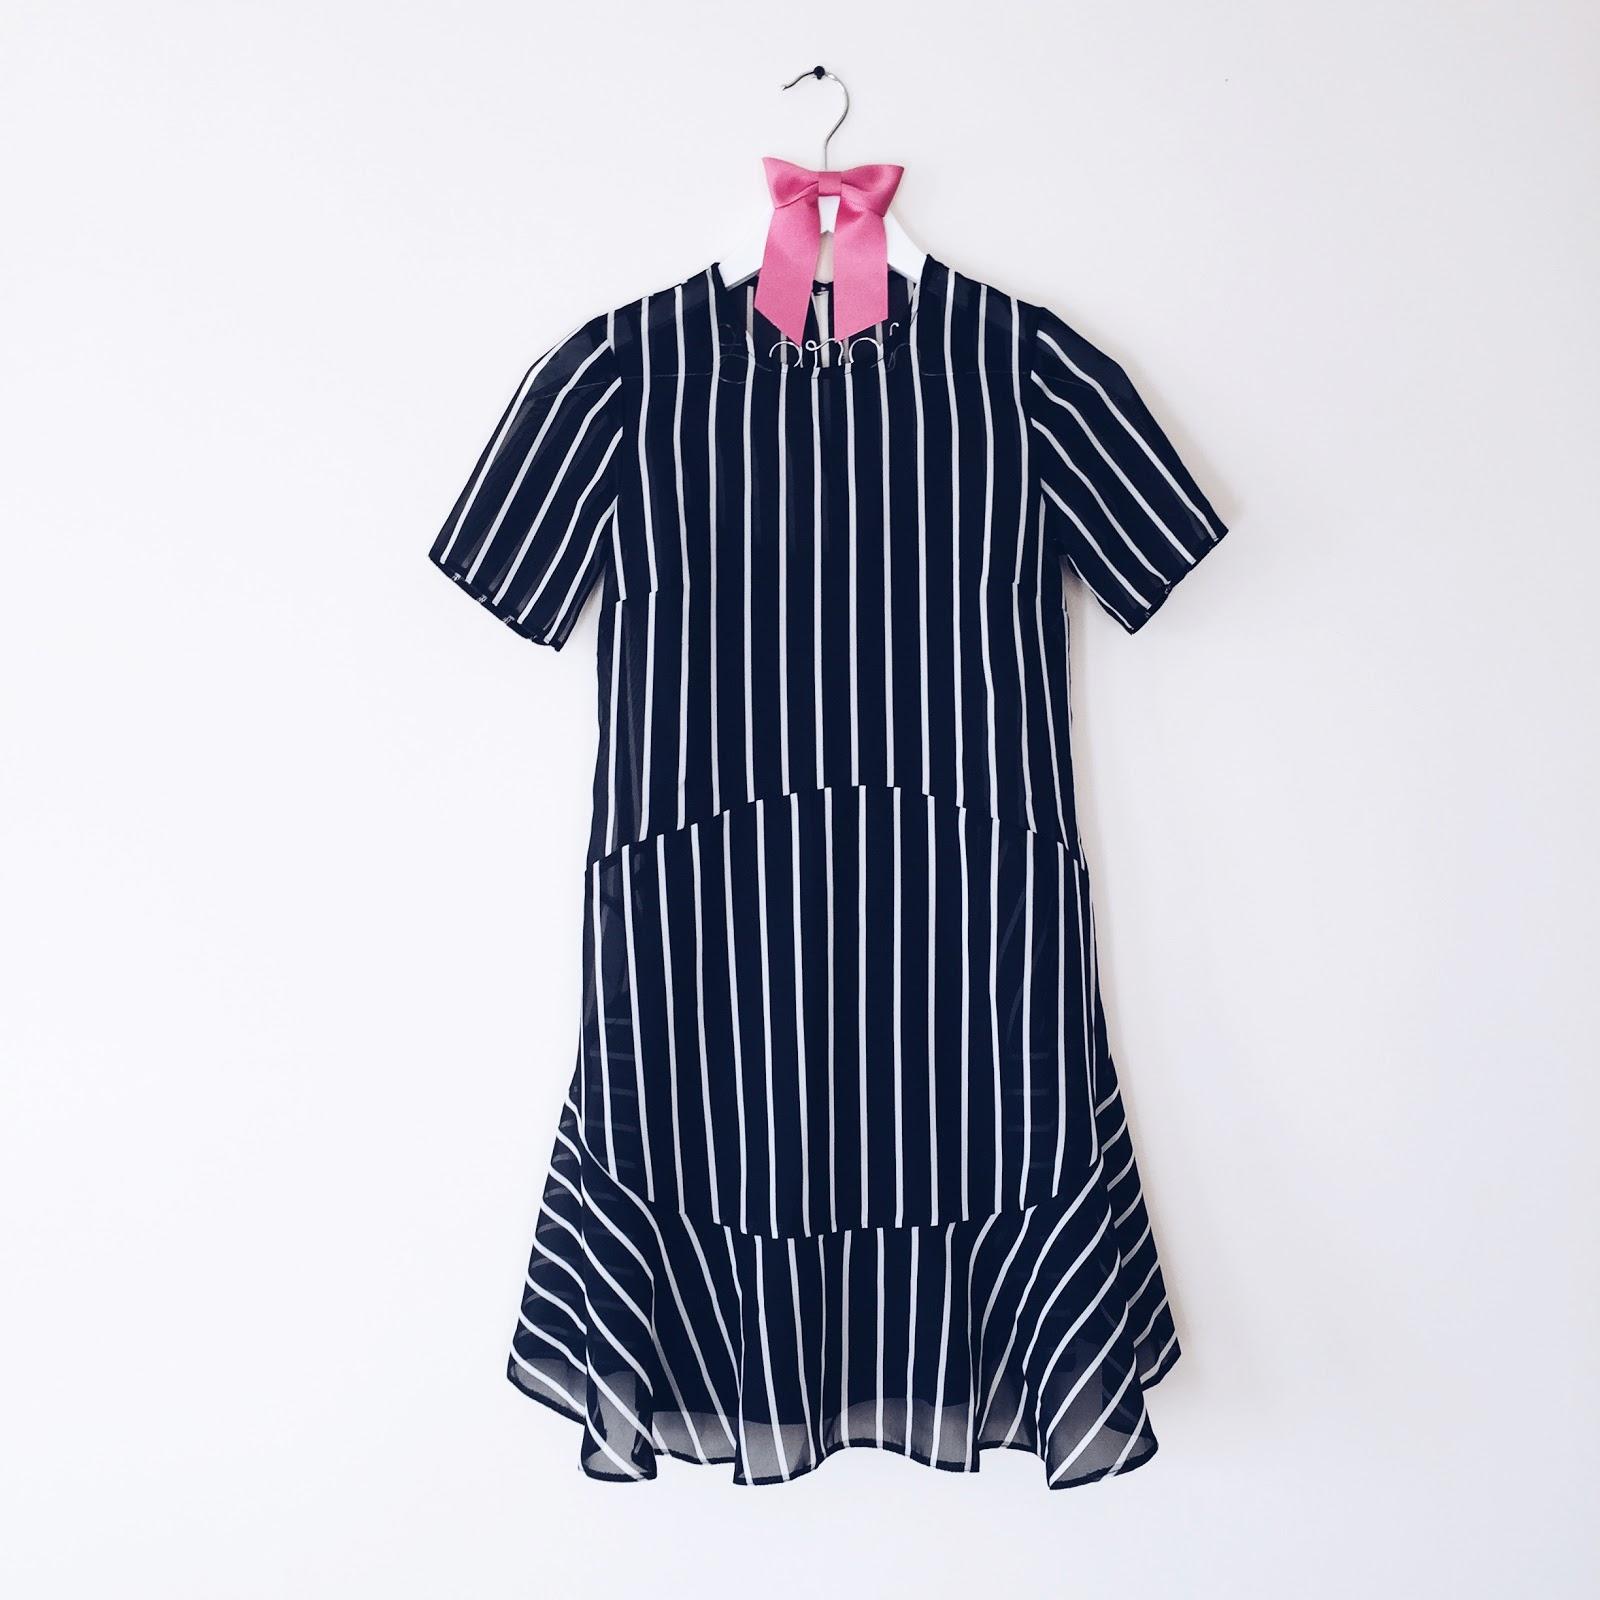 monochrome stripy dress